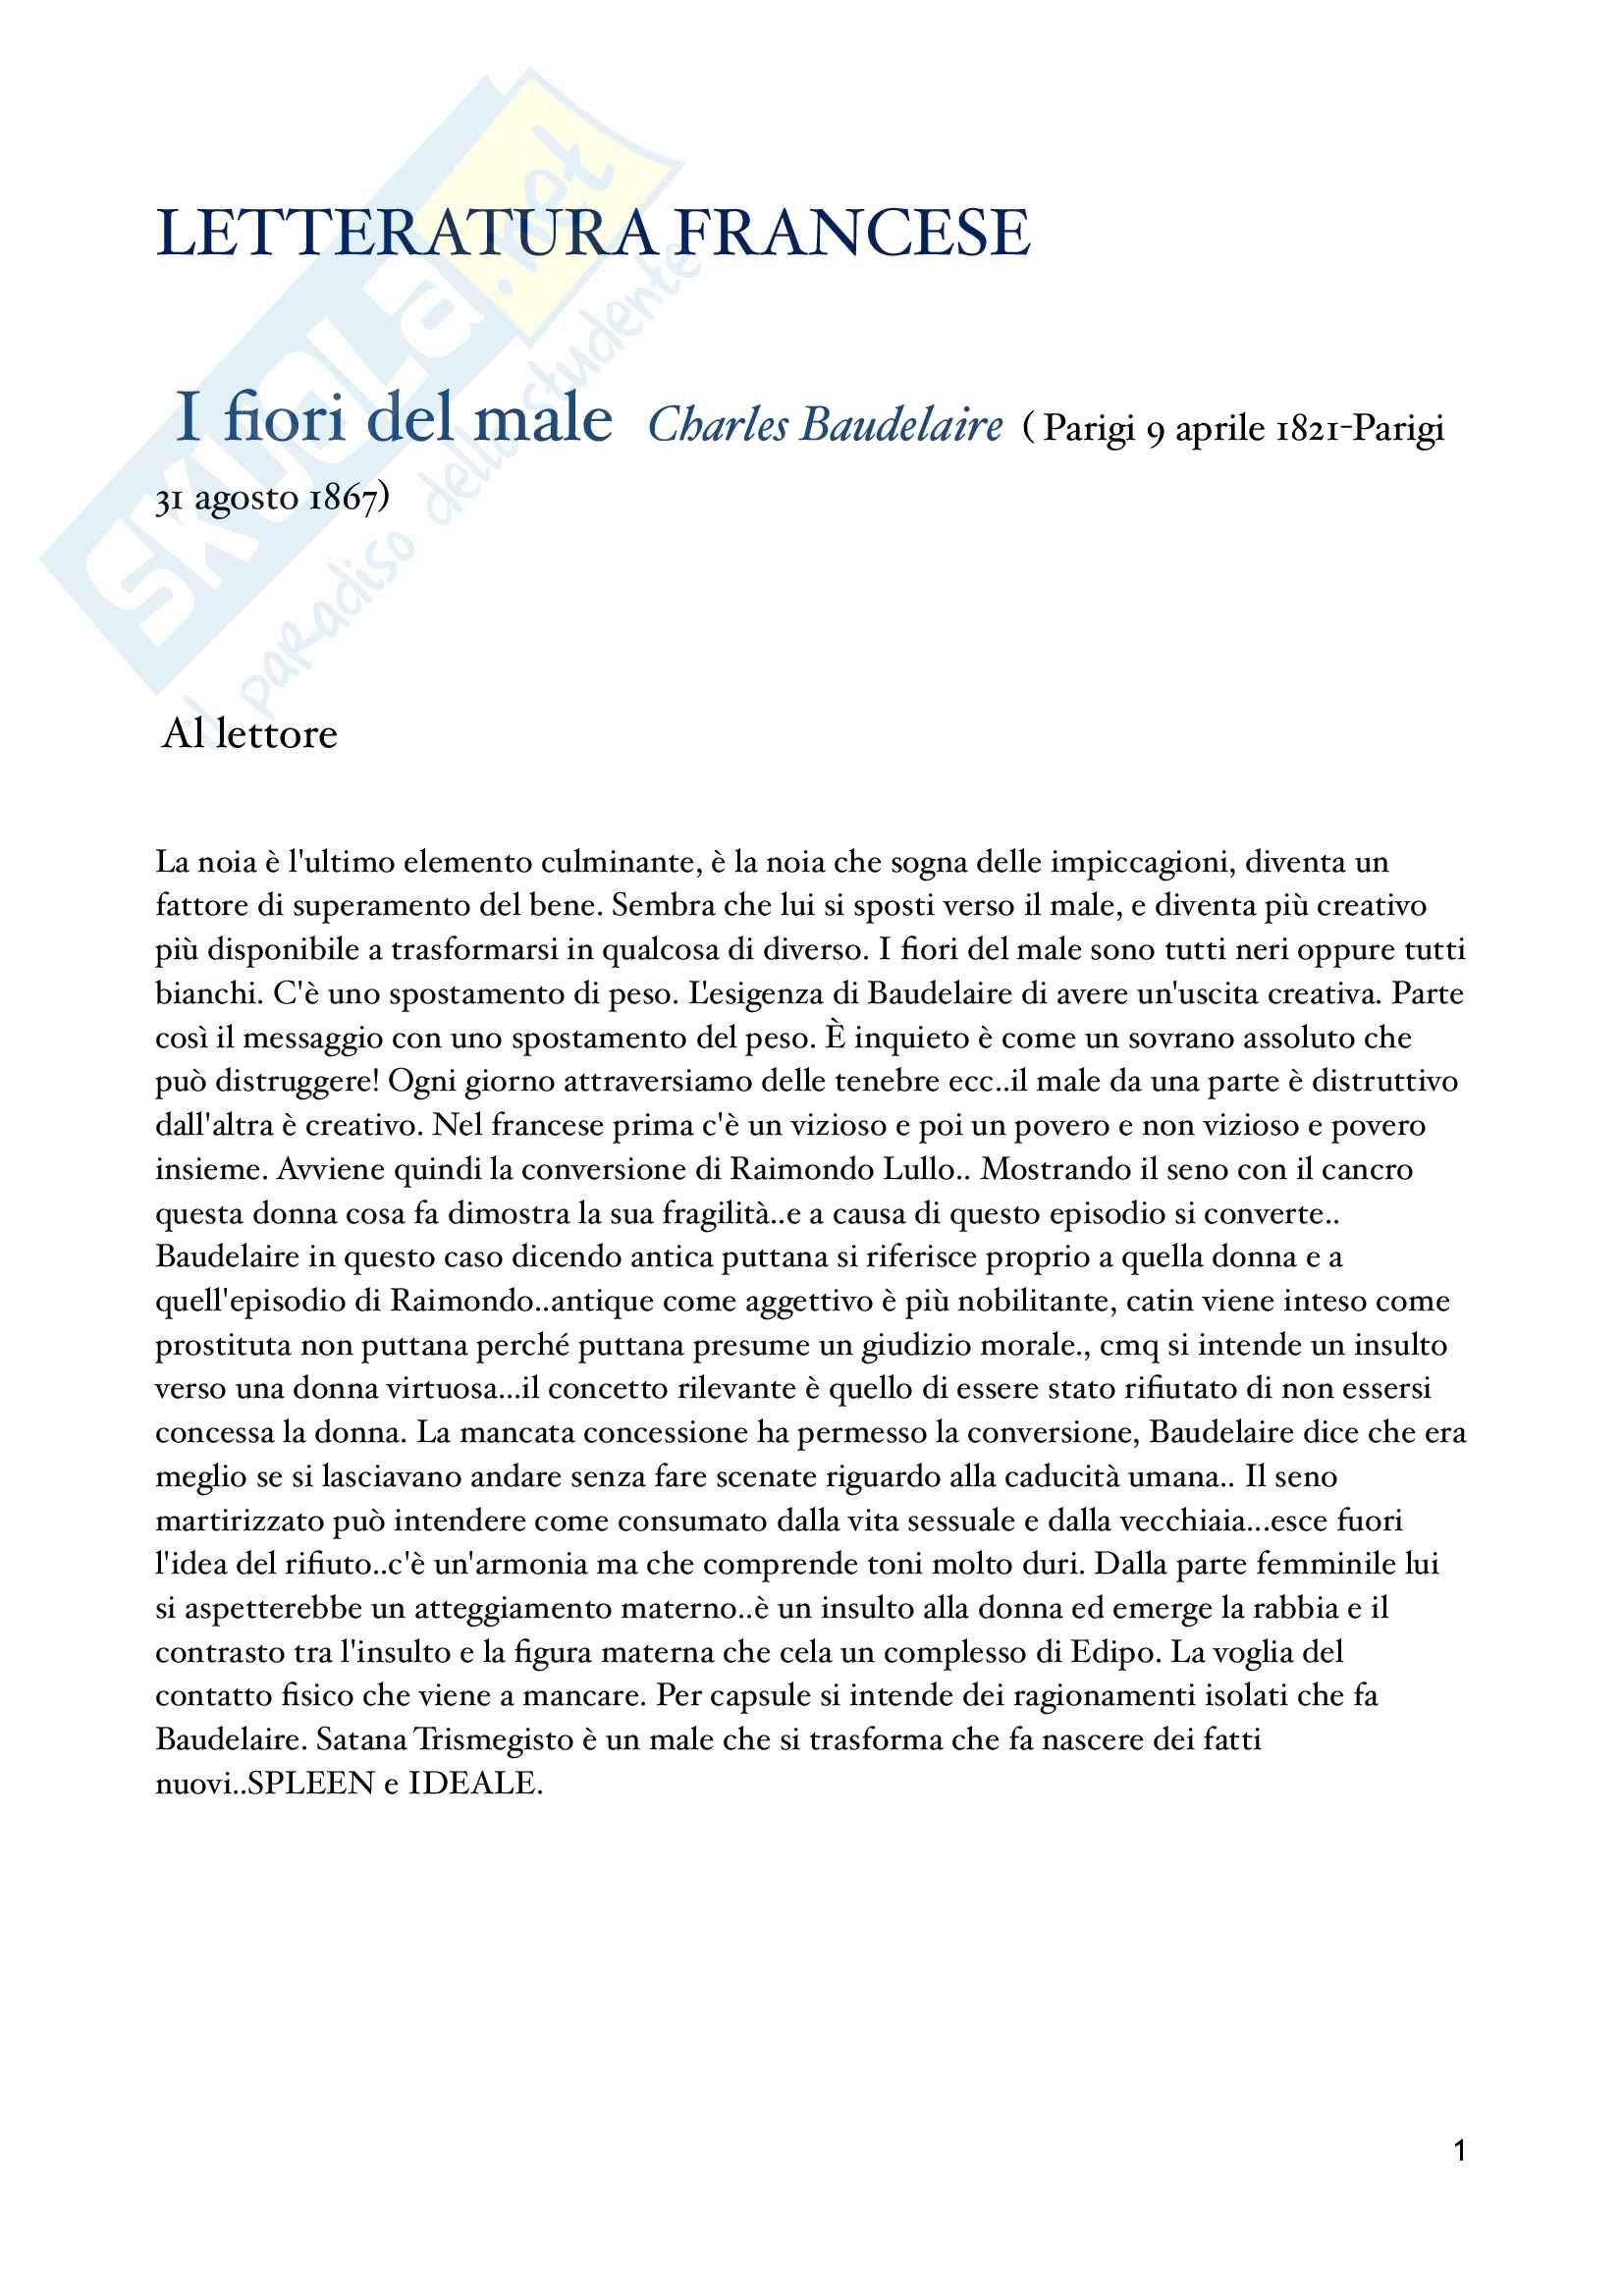 Letteratura francese Baudelaire